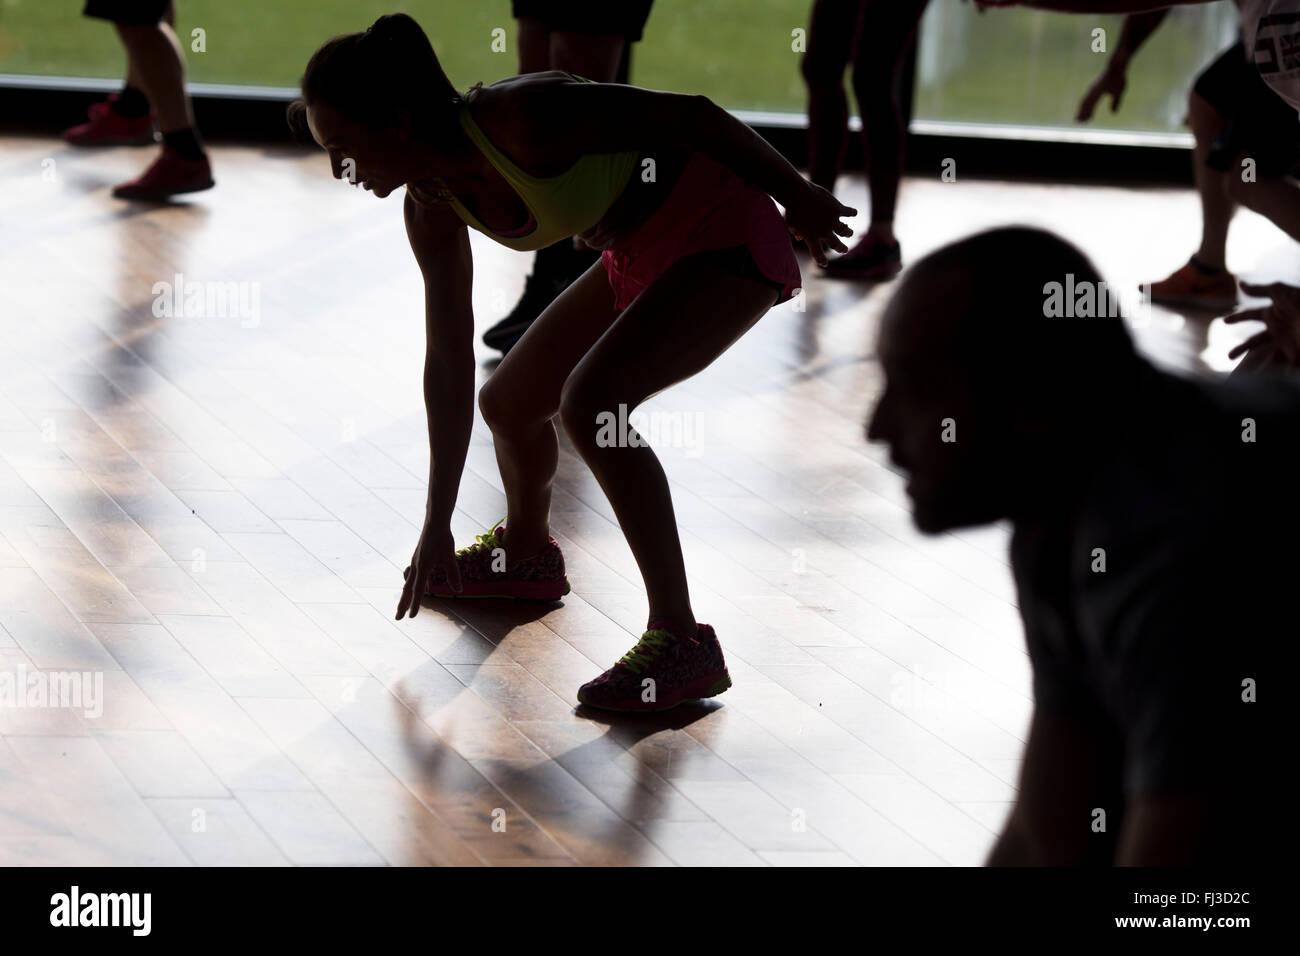 Gruppe-Training in einem Fitnessstudio Stockbild